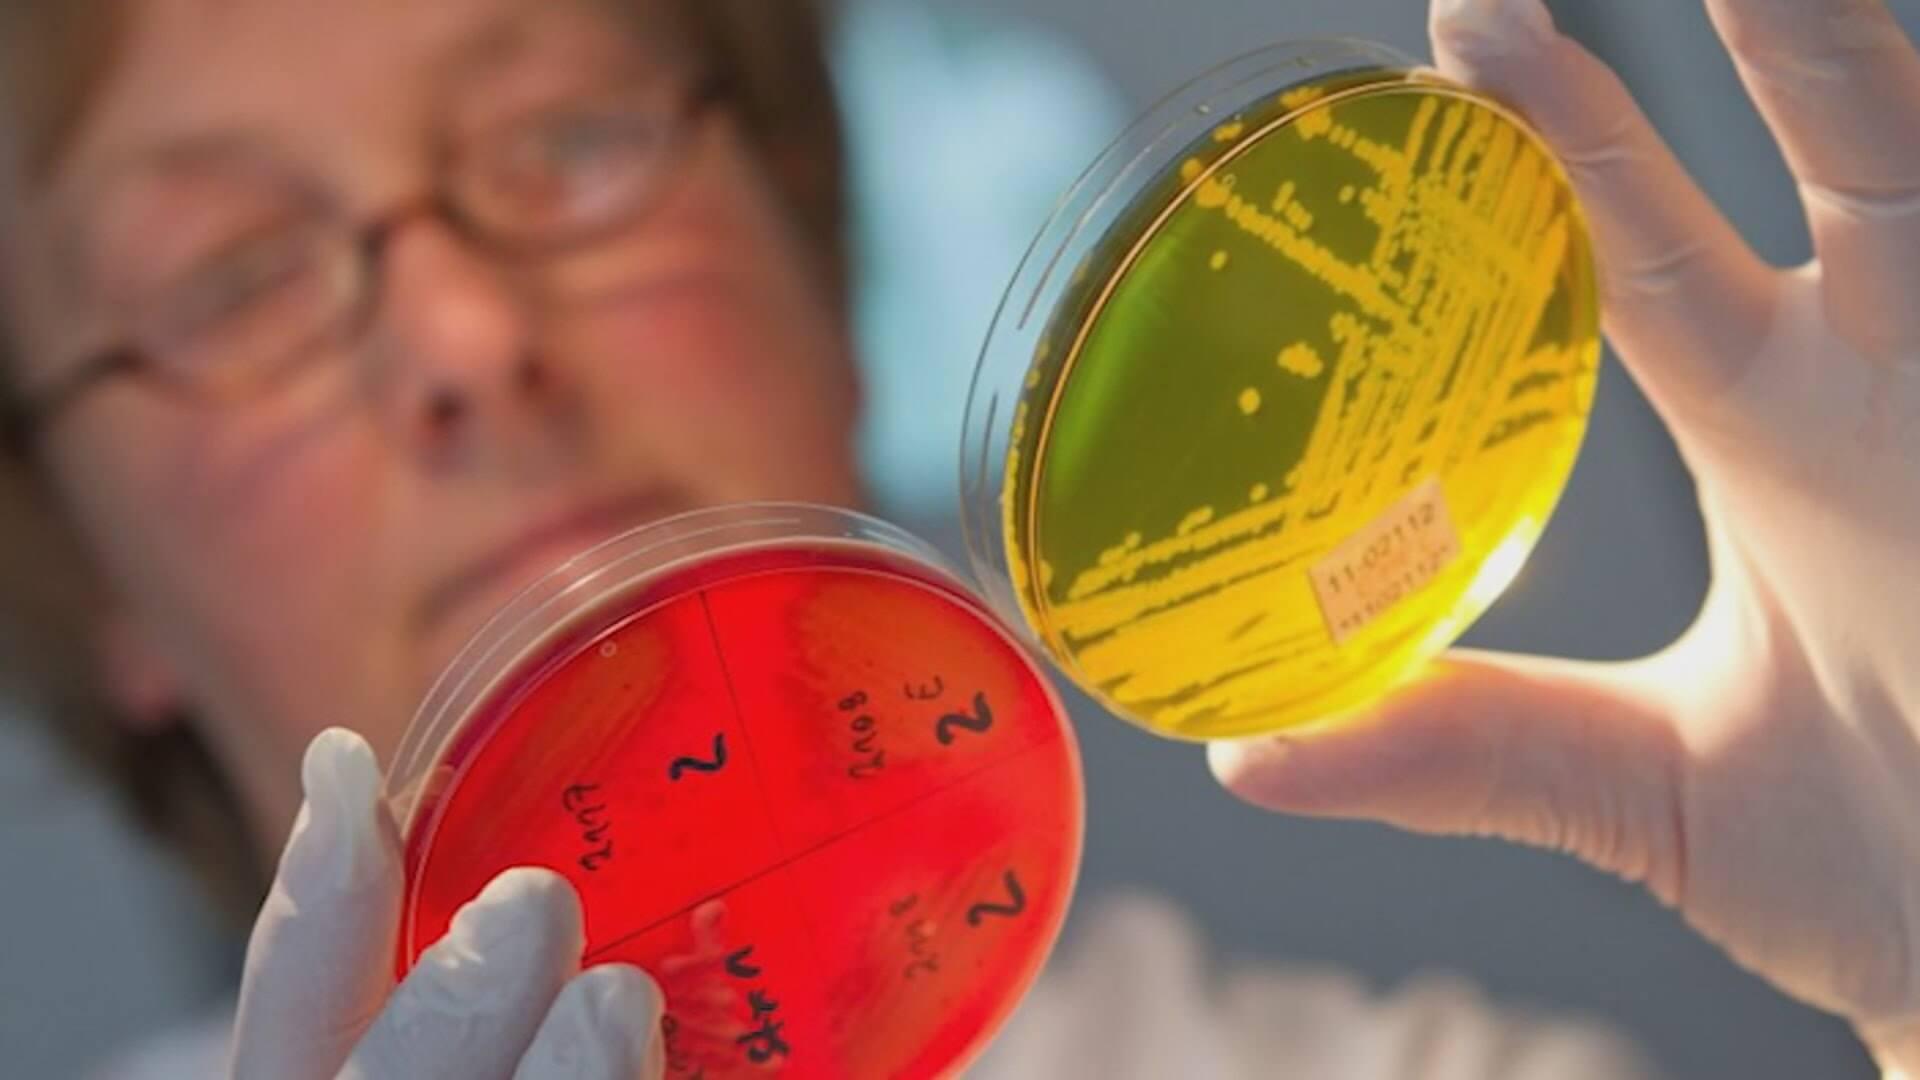 Сколько можно принимать антибиотики при простатите книга как вылечить простатит